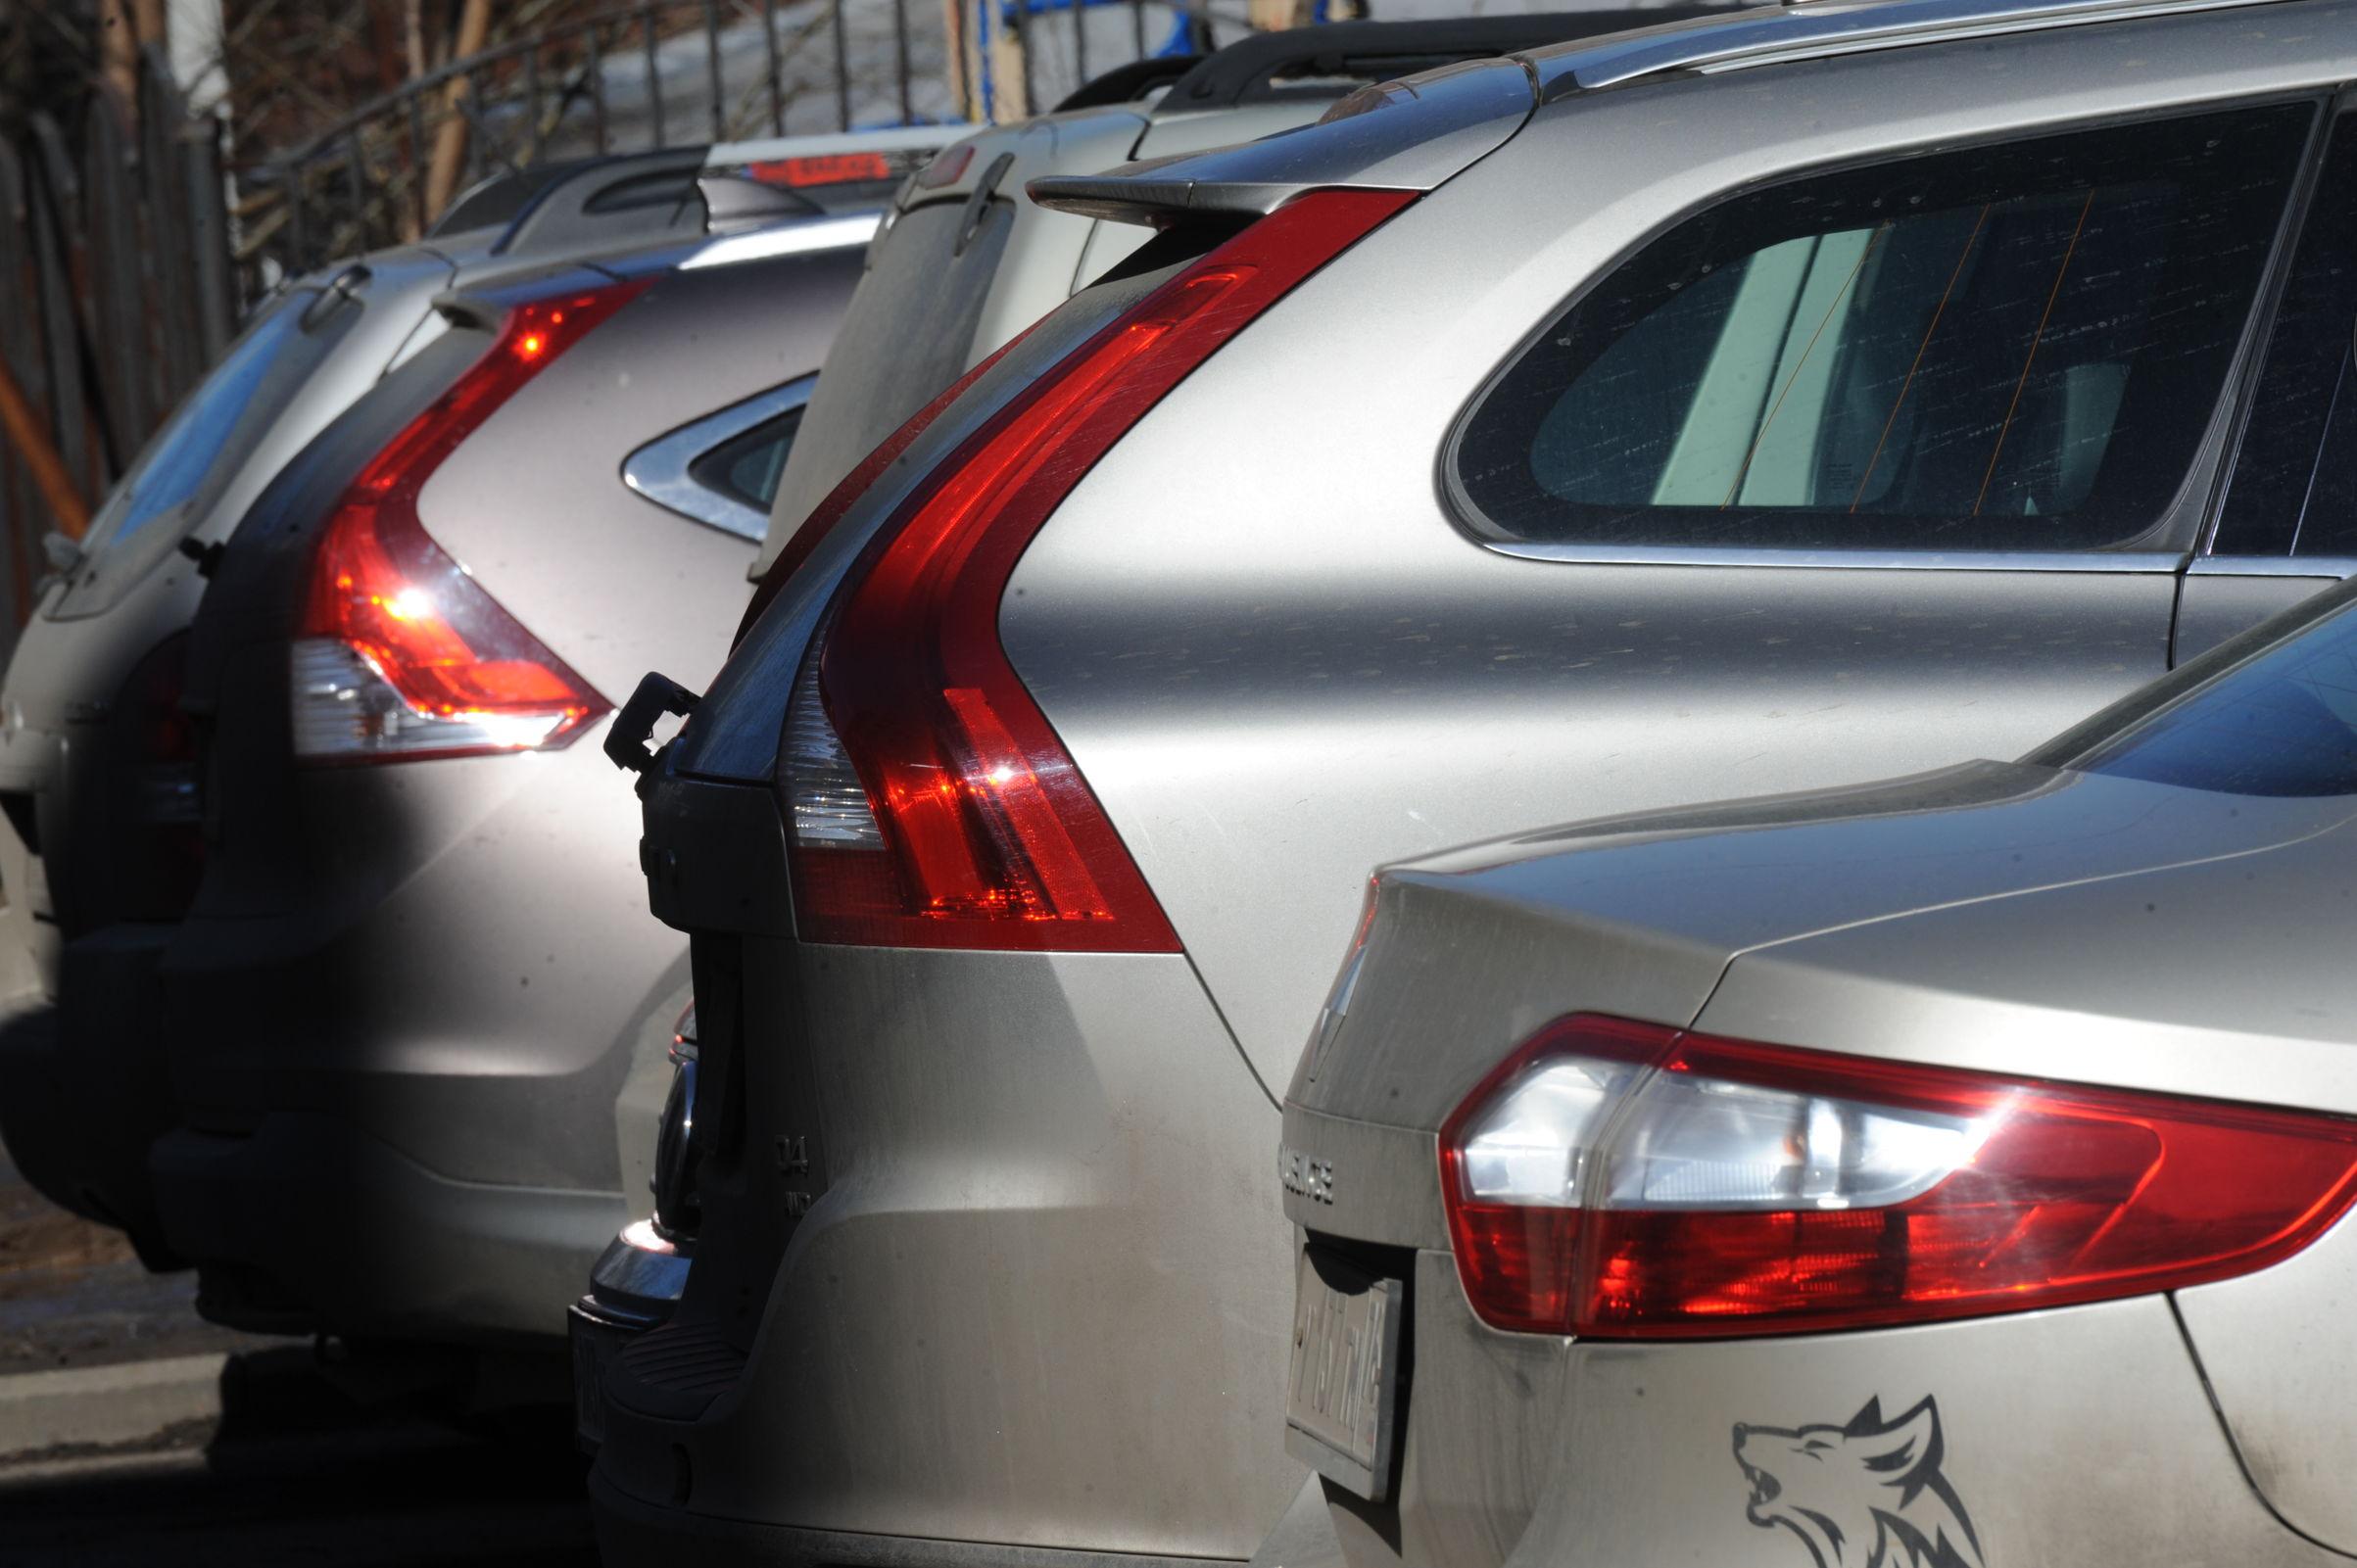 В суд передают дело о серии краж аккумуляторов из машин в Ярославле